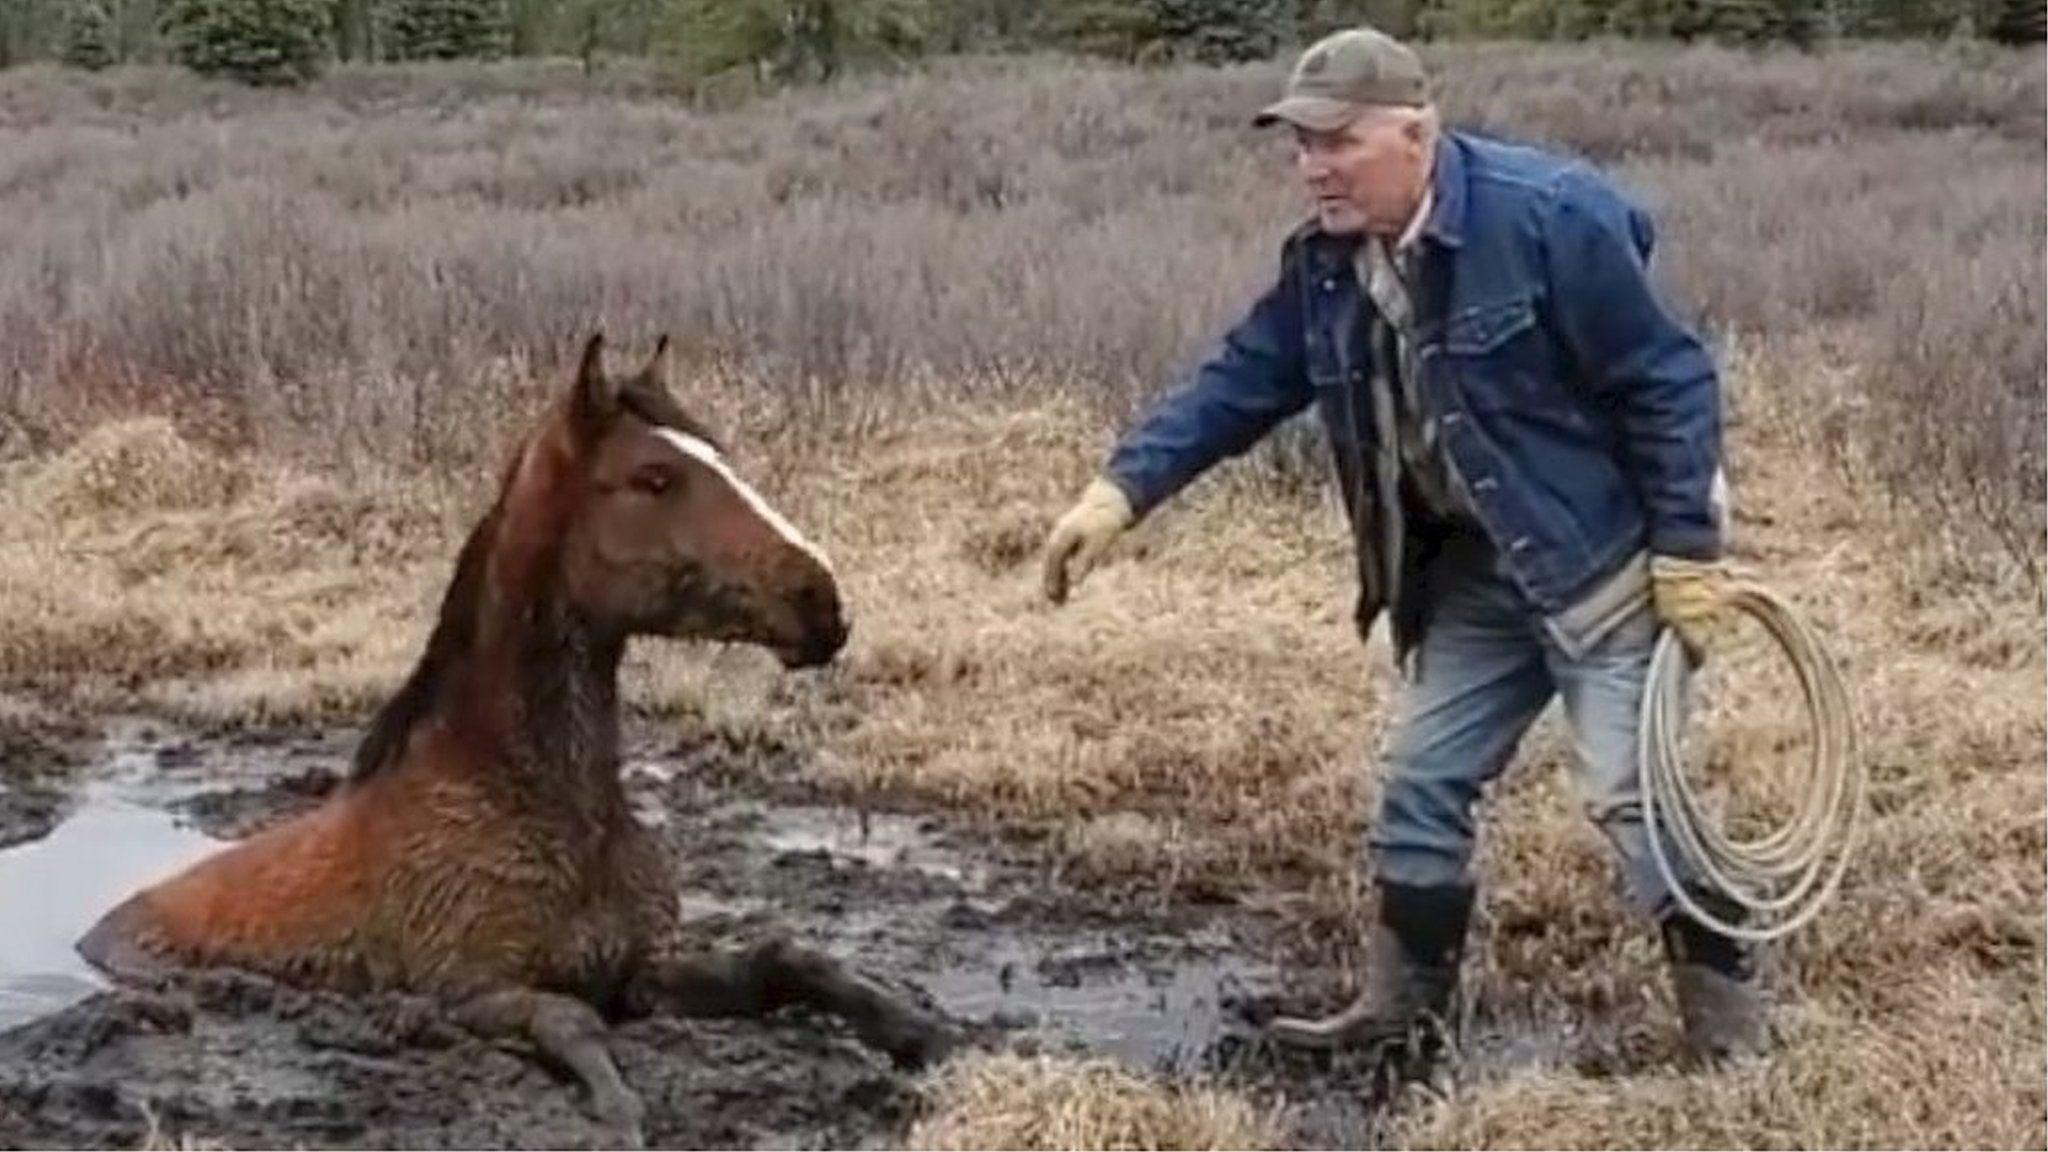 馬が沼にすっぽりと……45分かけて救出 カナダ・アルバータ州